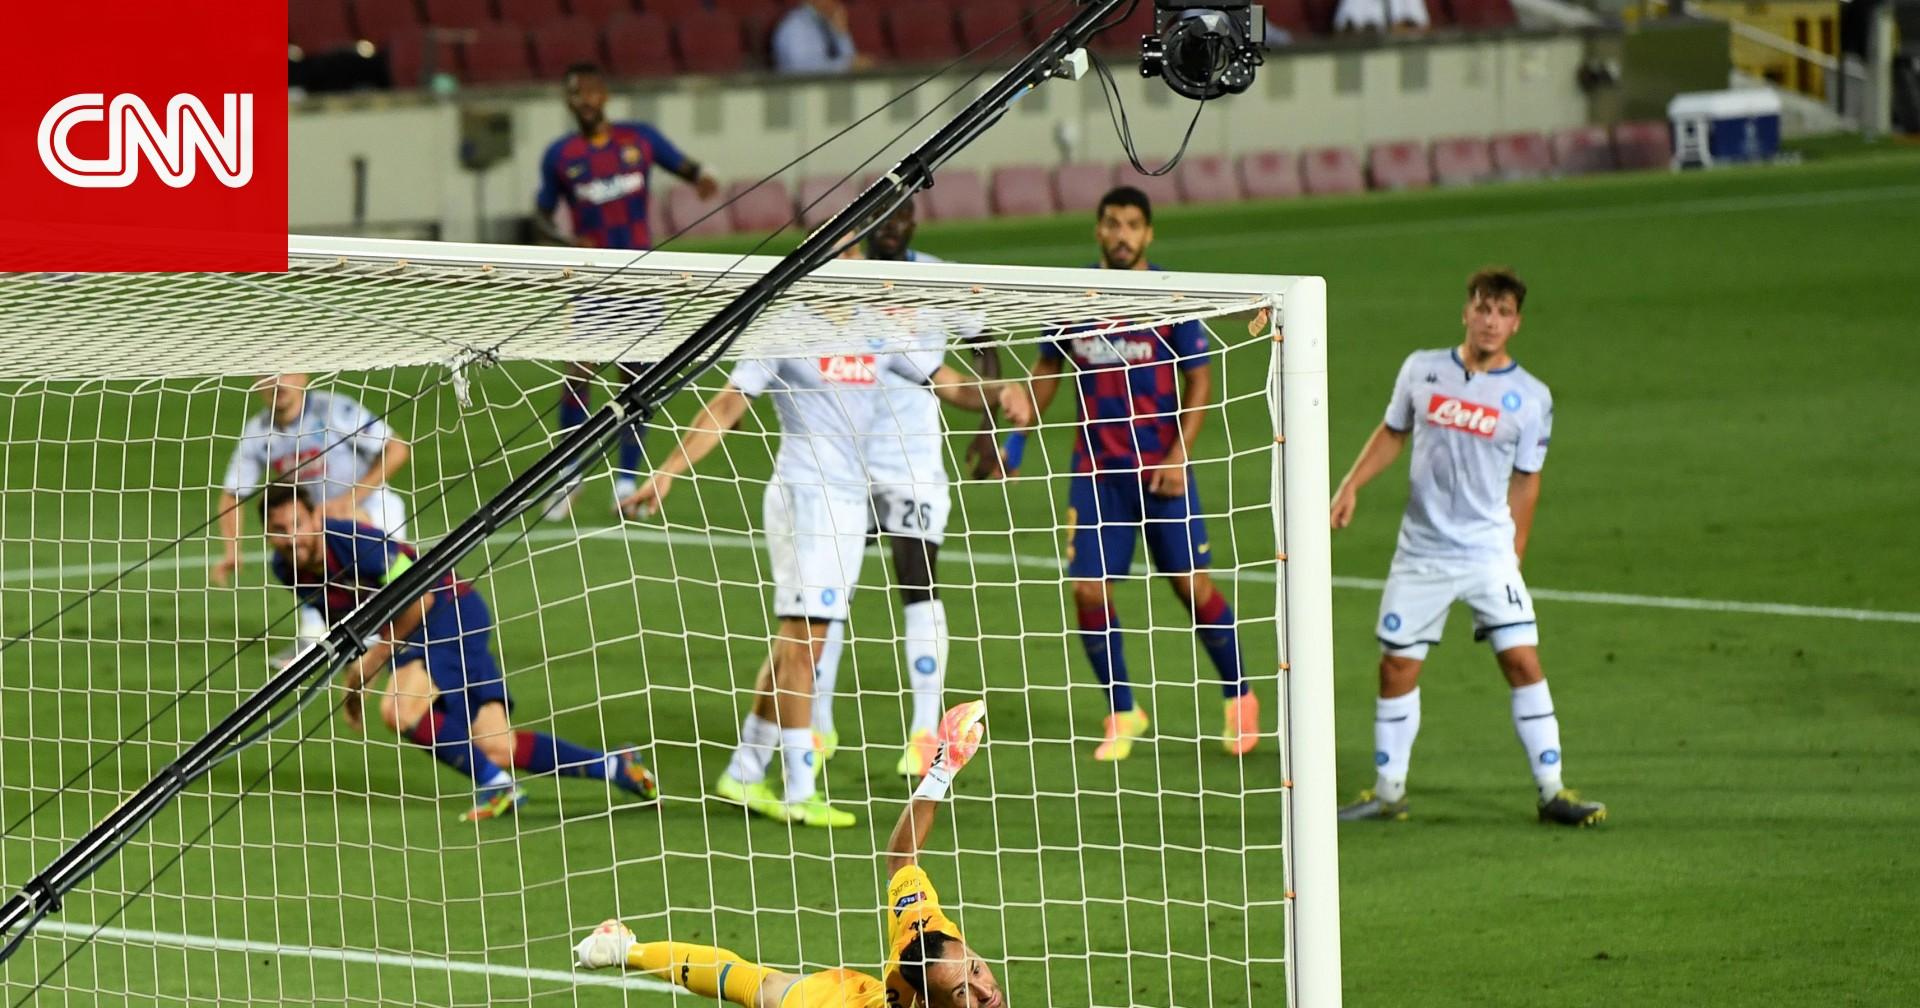 برشلونة وبايرن ميونخ إلى ربع نهائي دوري أبطال أوروبا بعد هزيمتهما الساحقة لنابولي وتشيلسي